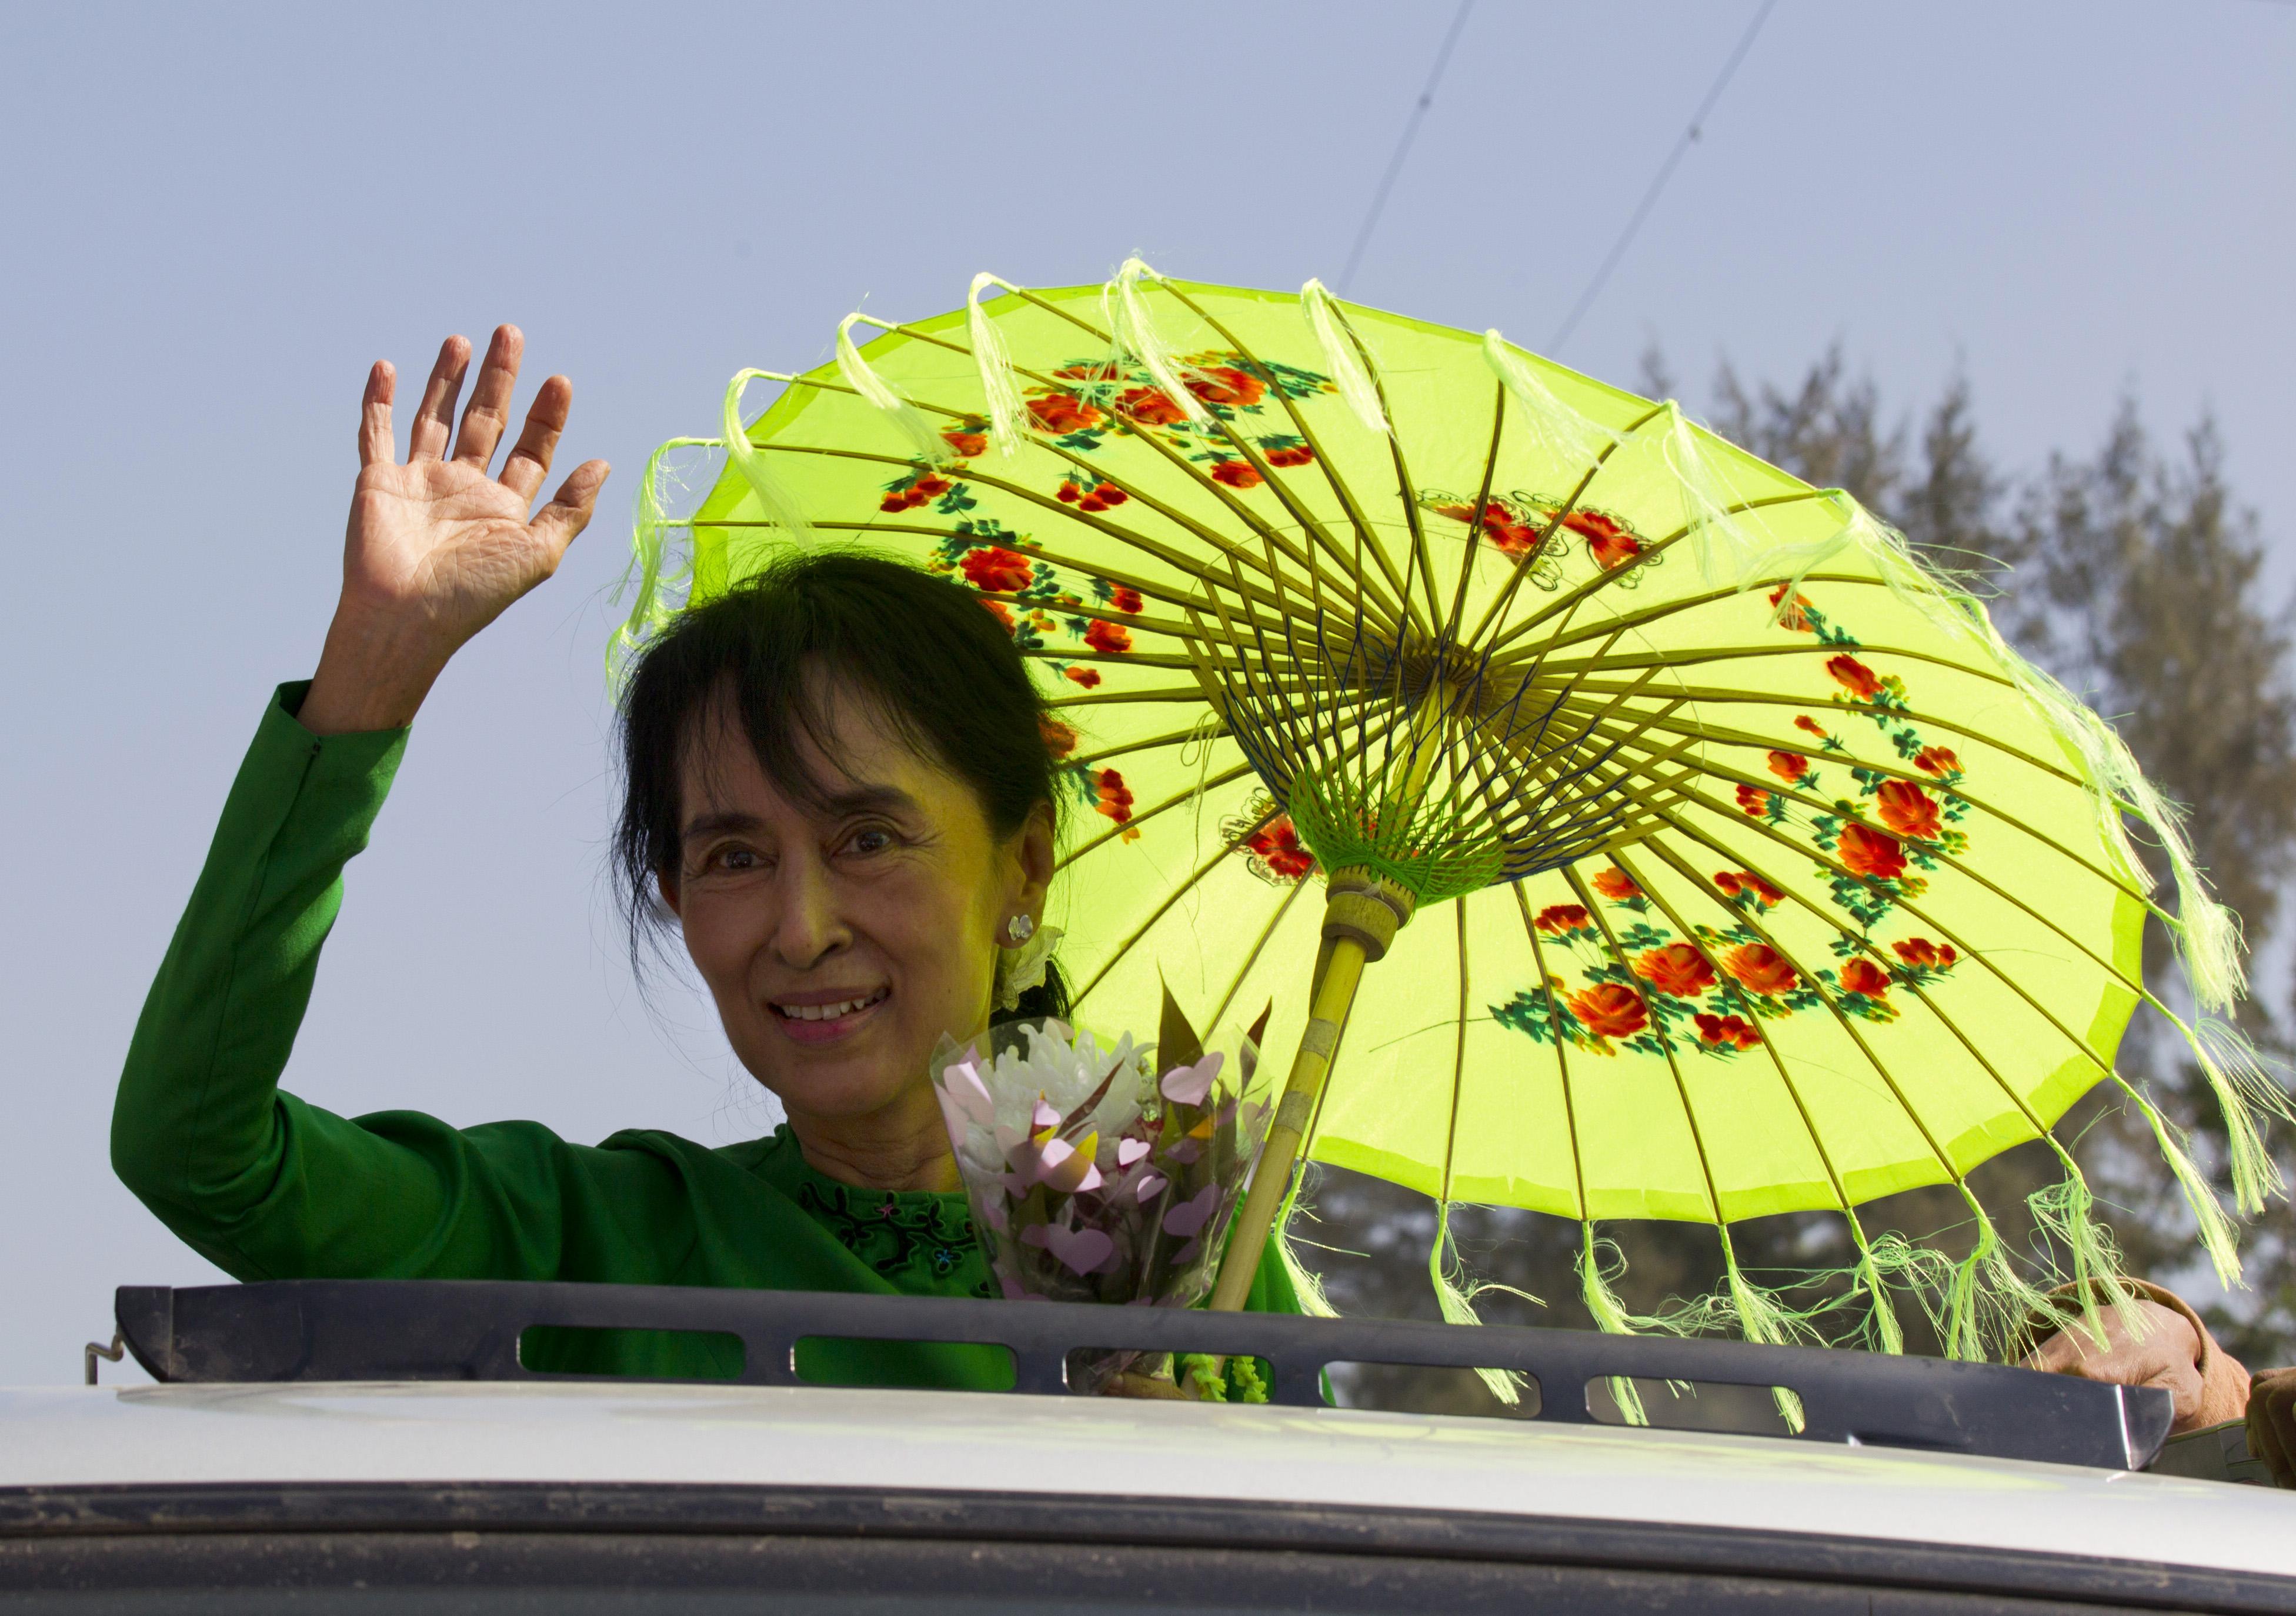 Aun Szan Szu Kji 2012-ben (fotó: Paula Bronstein/Getty Images)